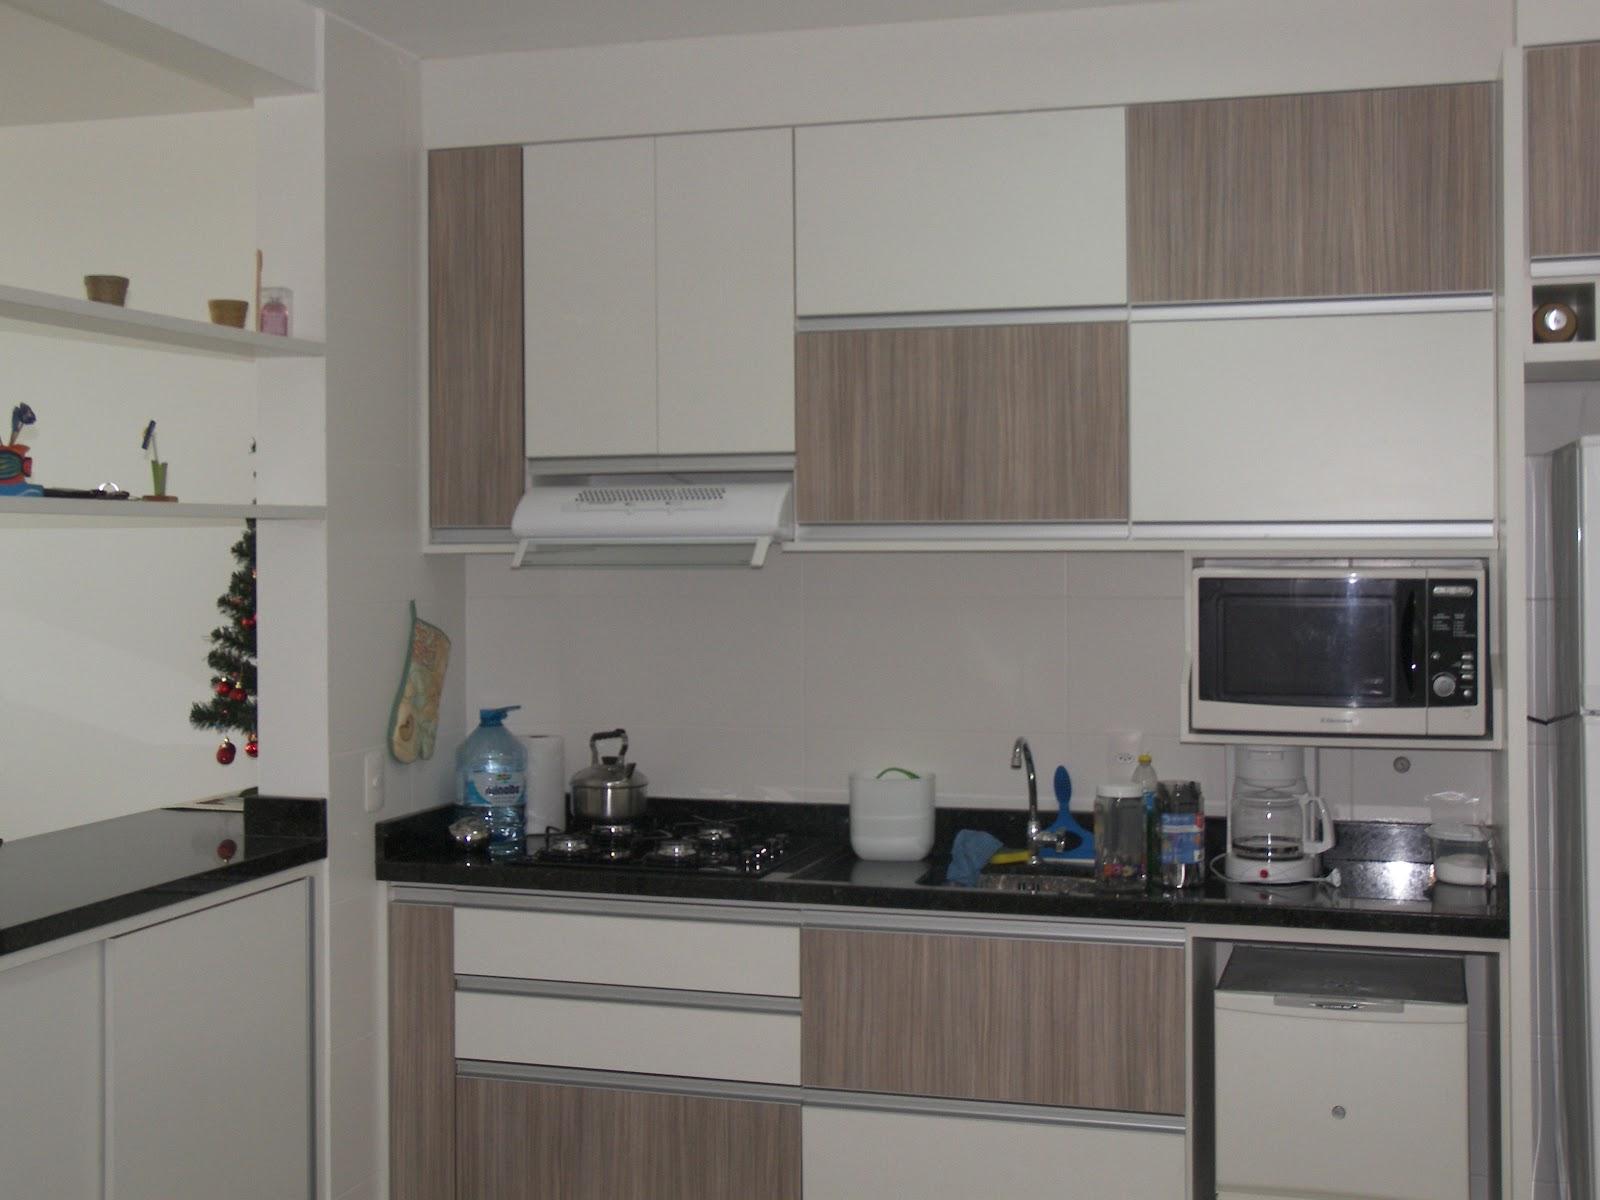 Formularte móveis sob medidas: Cozinha branca com gligio linheiro #3C4B5D 1600 1200